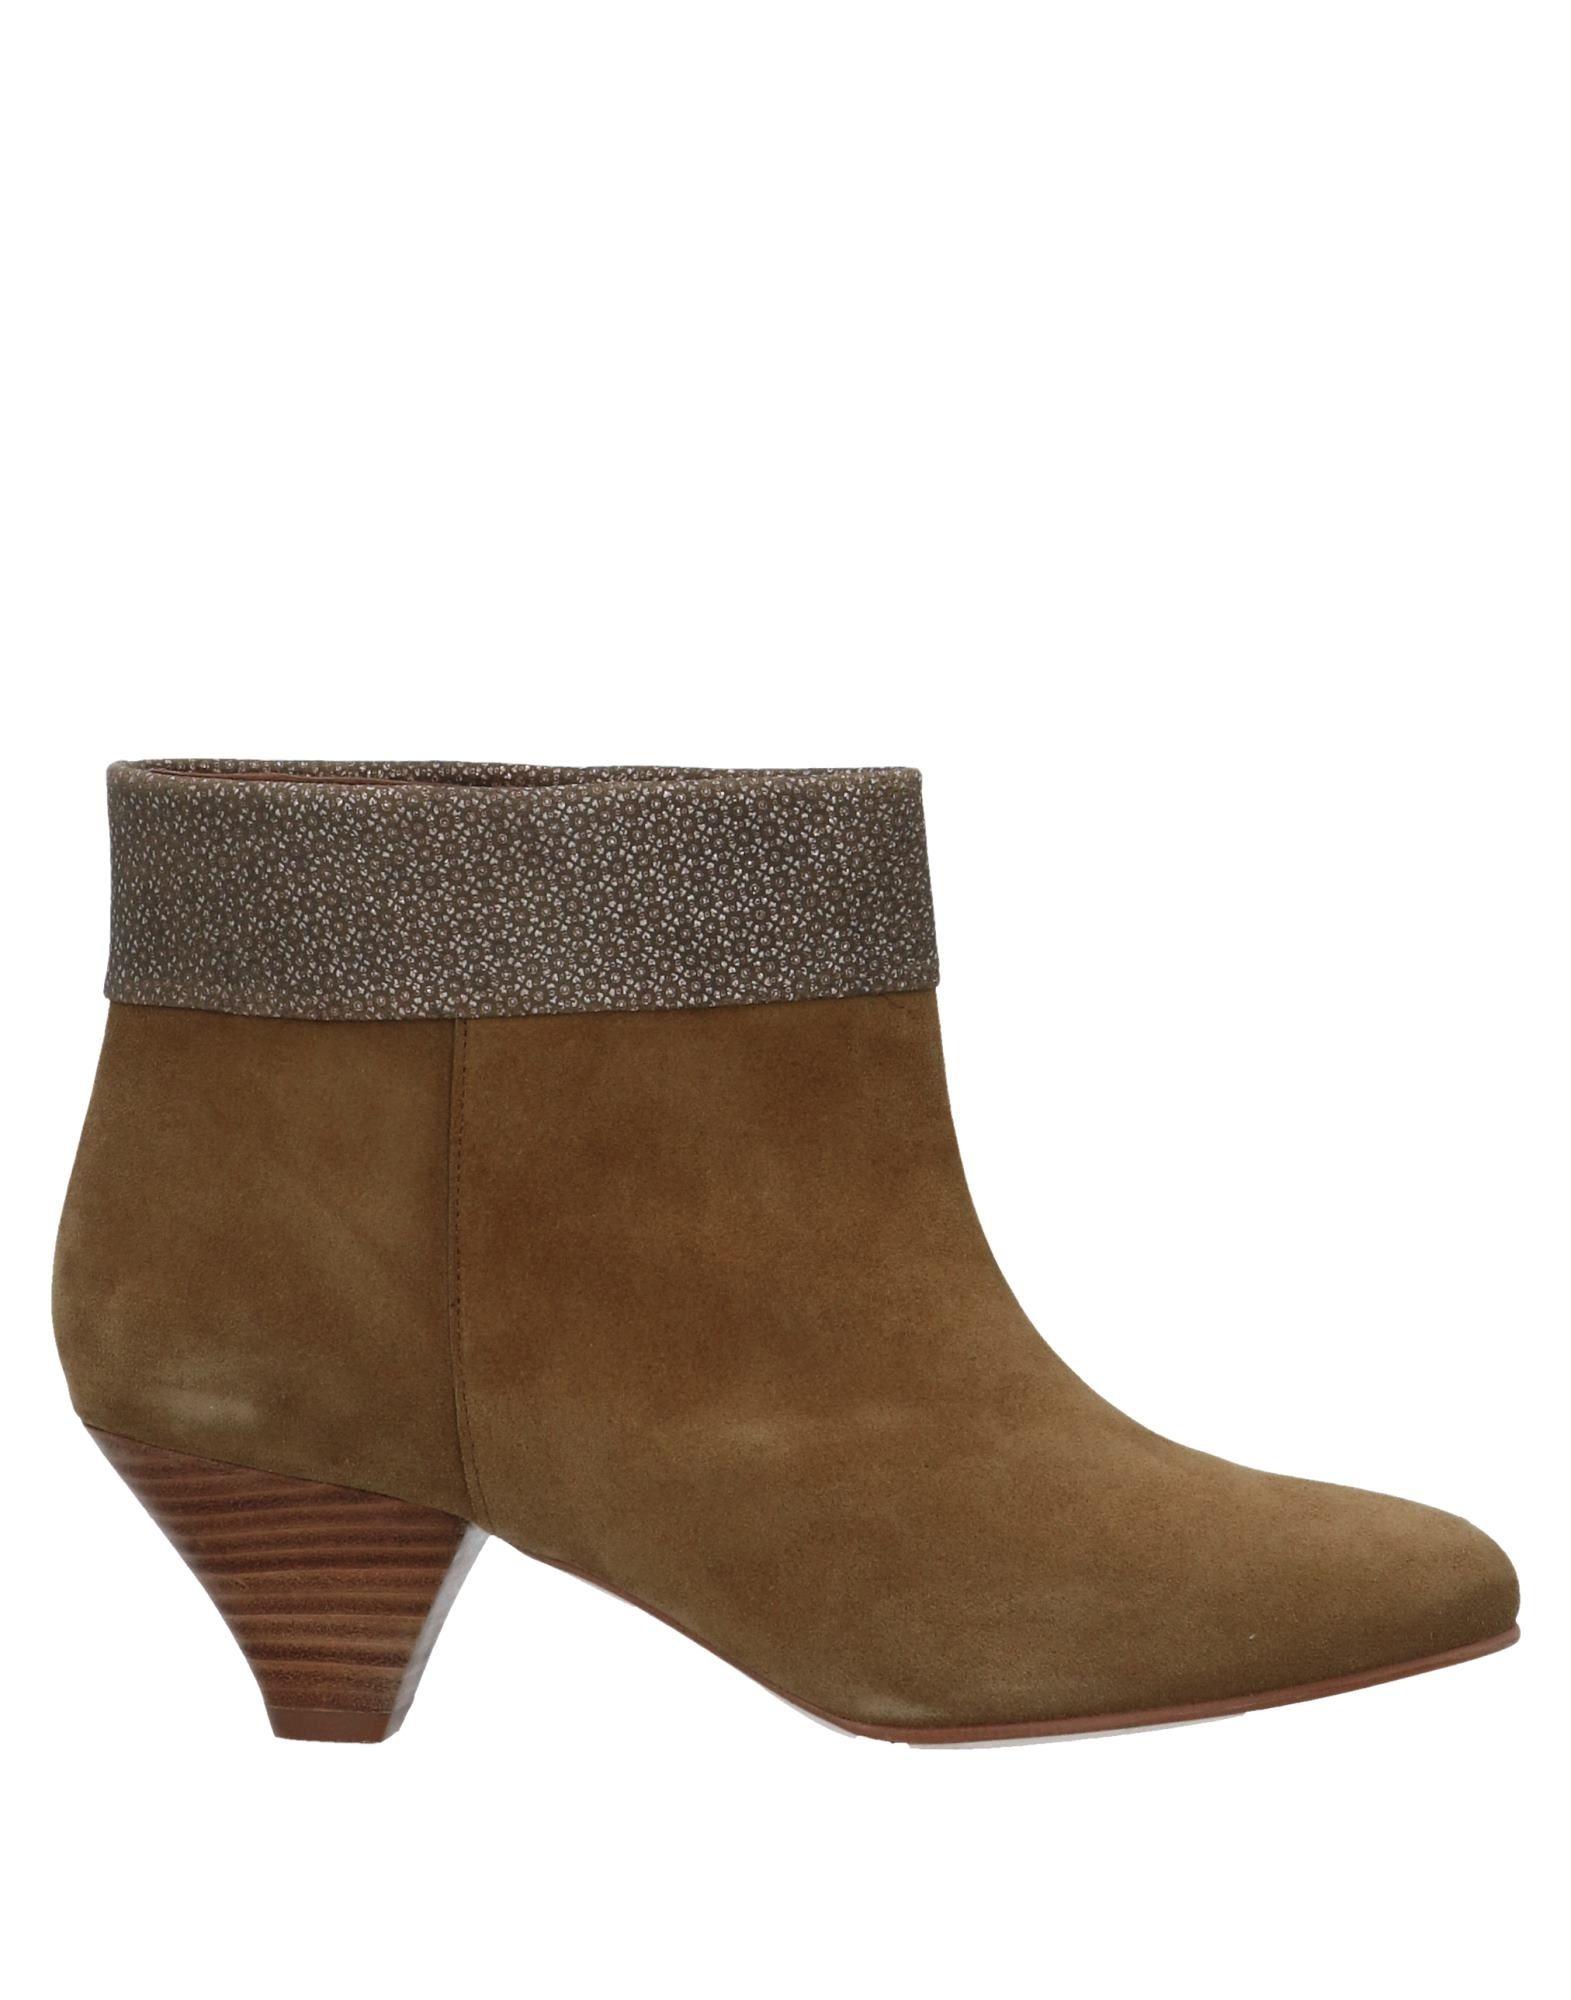 Sessun Stiefelette Damen  11535682WMGut aussehende strapazierfähige Schuhe